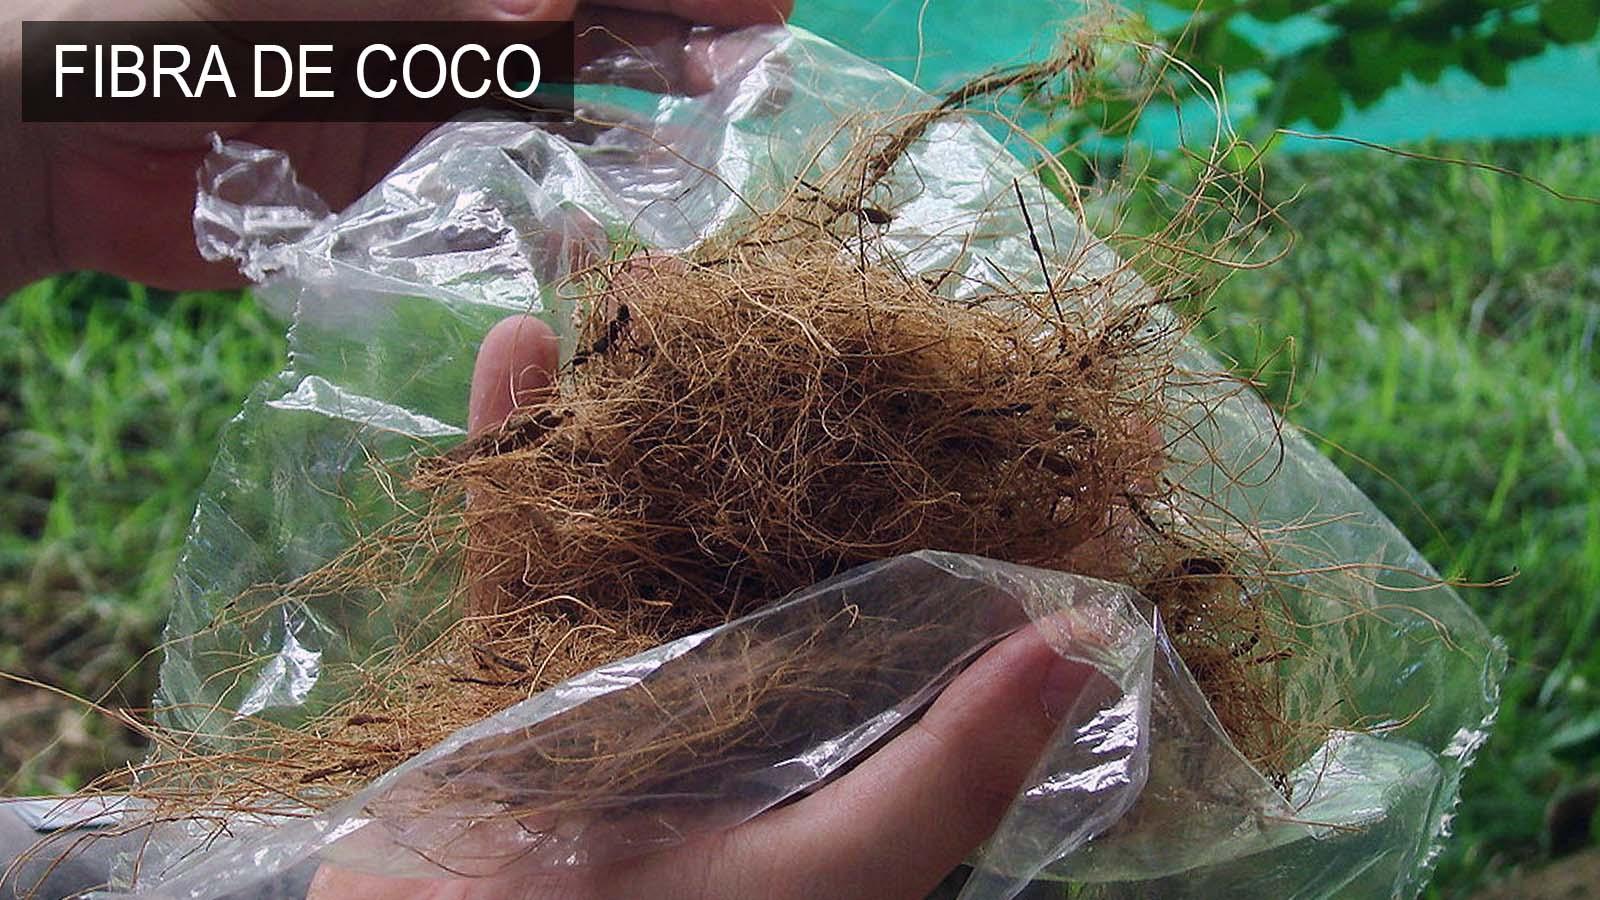 La Fibra de Coco o Bonote es un mantillo orgánico